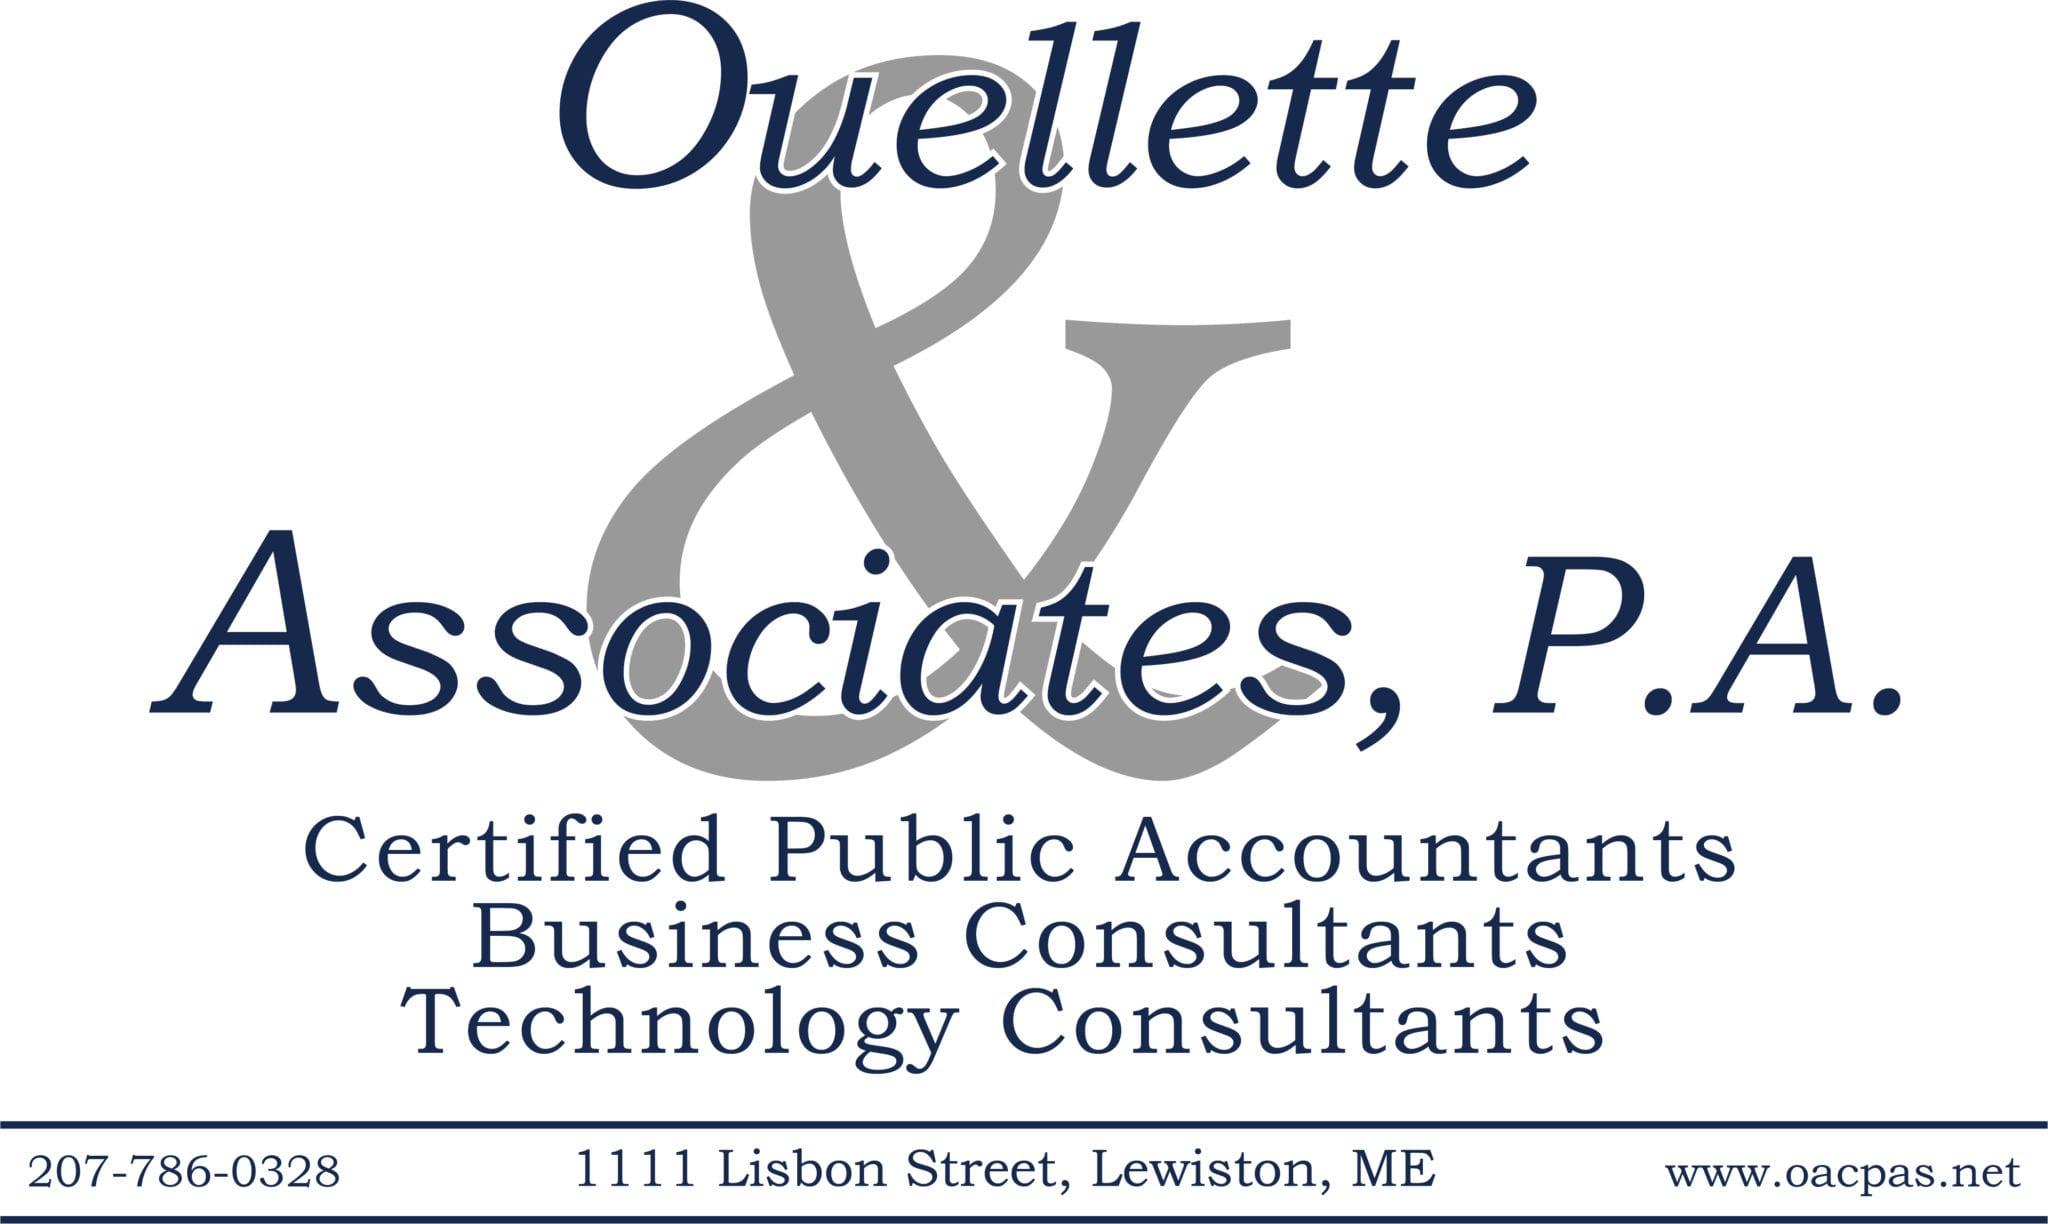 Ouellette & Associates, P.A.